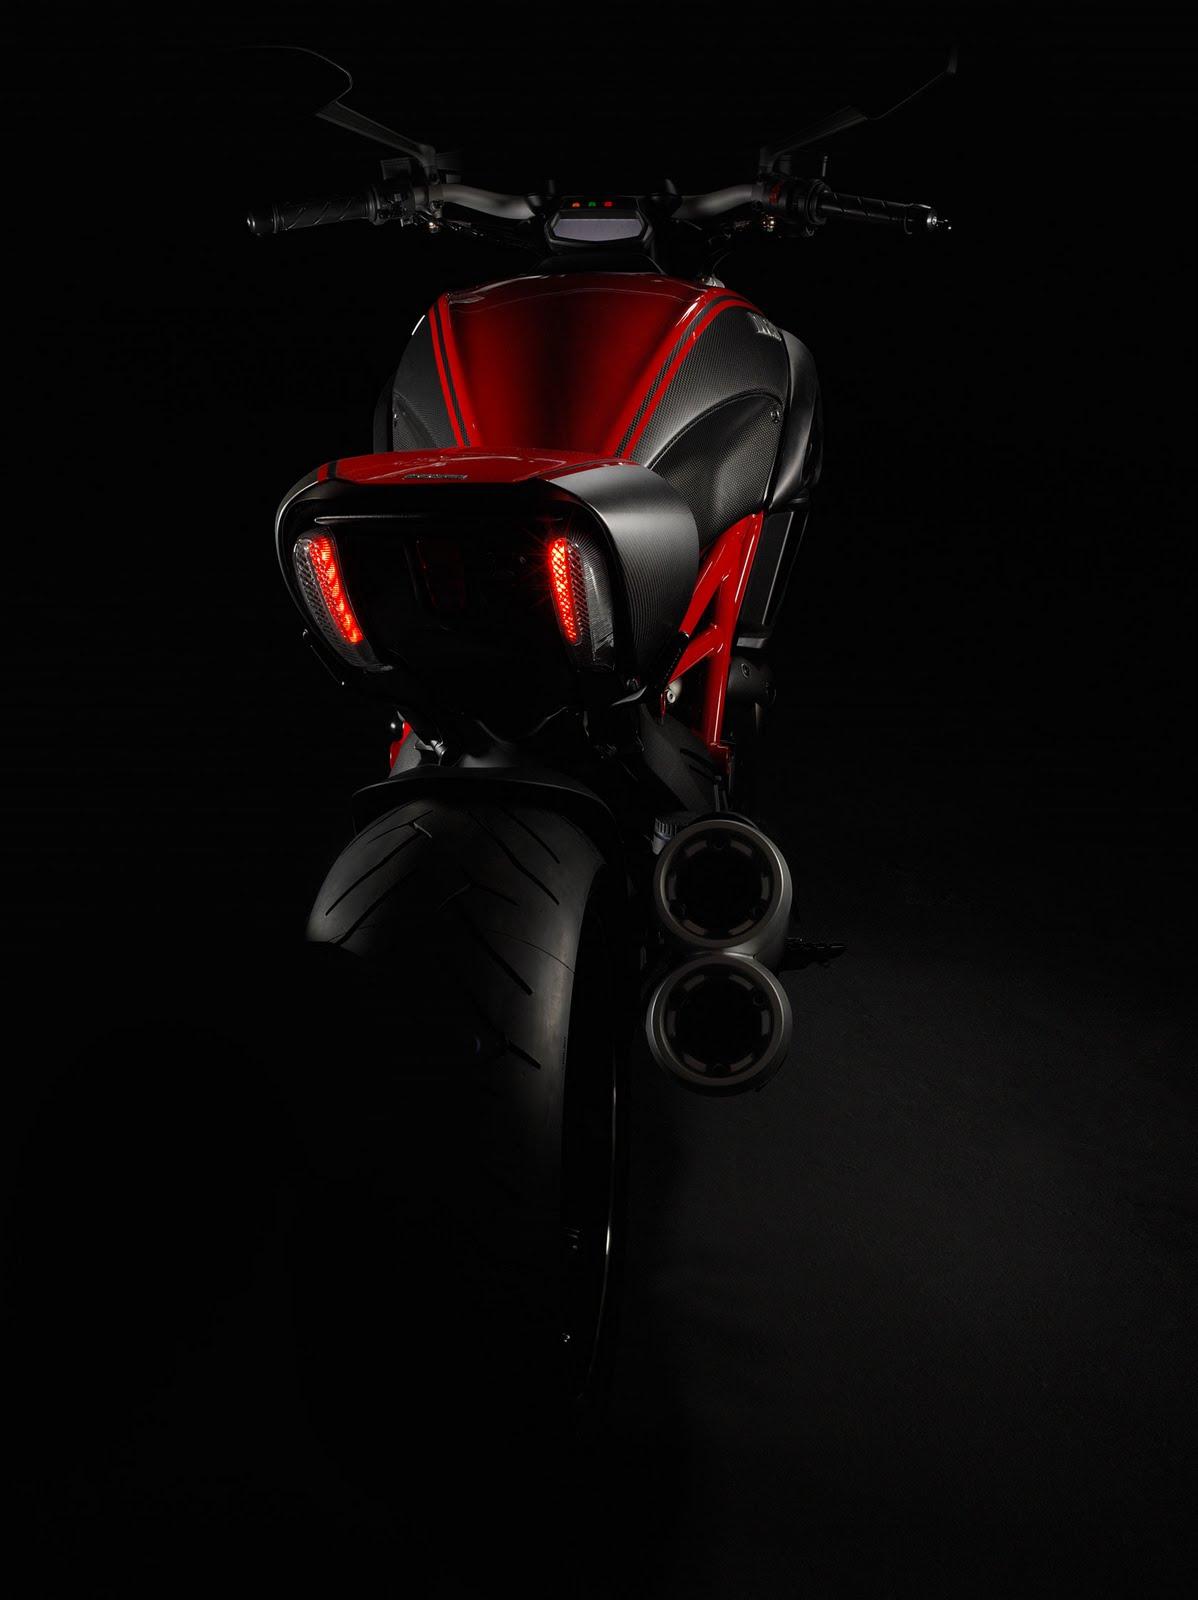 http://4.bp.blogspot.com/_J3_liDBfbvs/TNZoKABjWaI/AAAAAAAAzeo/ZFUtkEwLXrg/s1600/2011+Ducati+Diavel+Rear+View.jpg